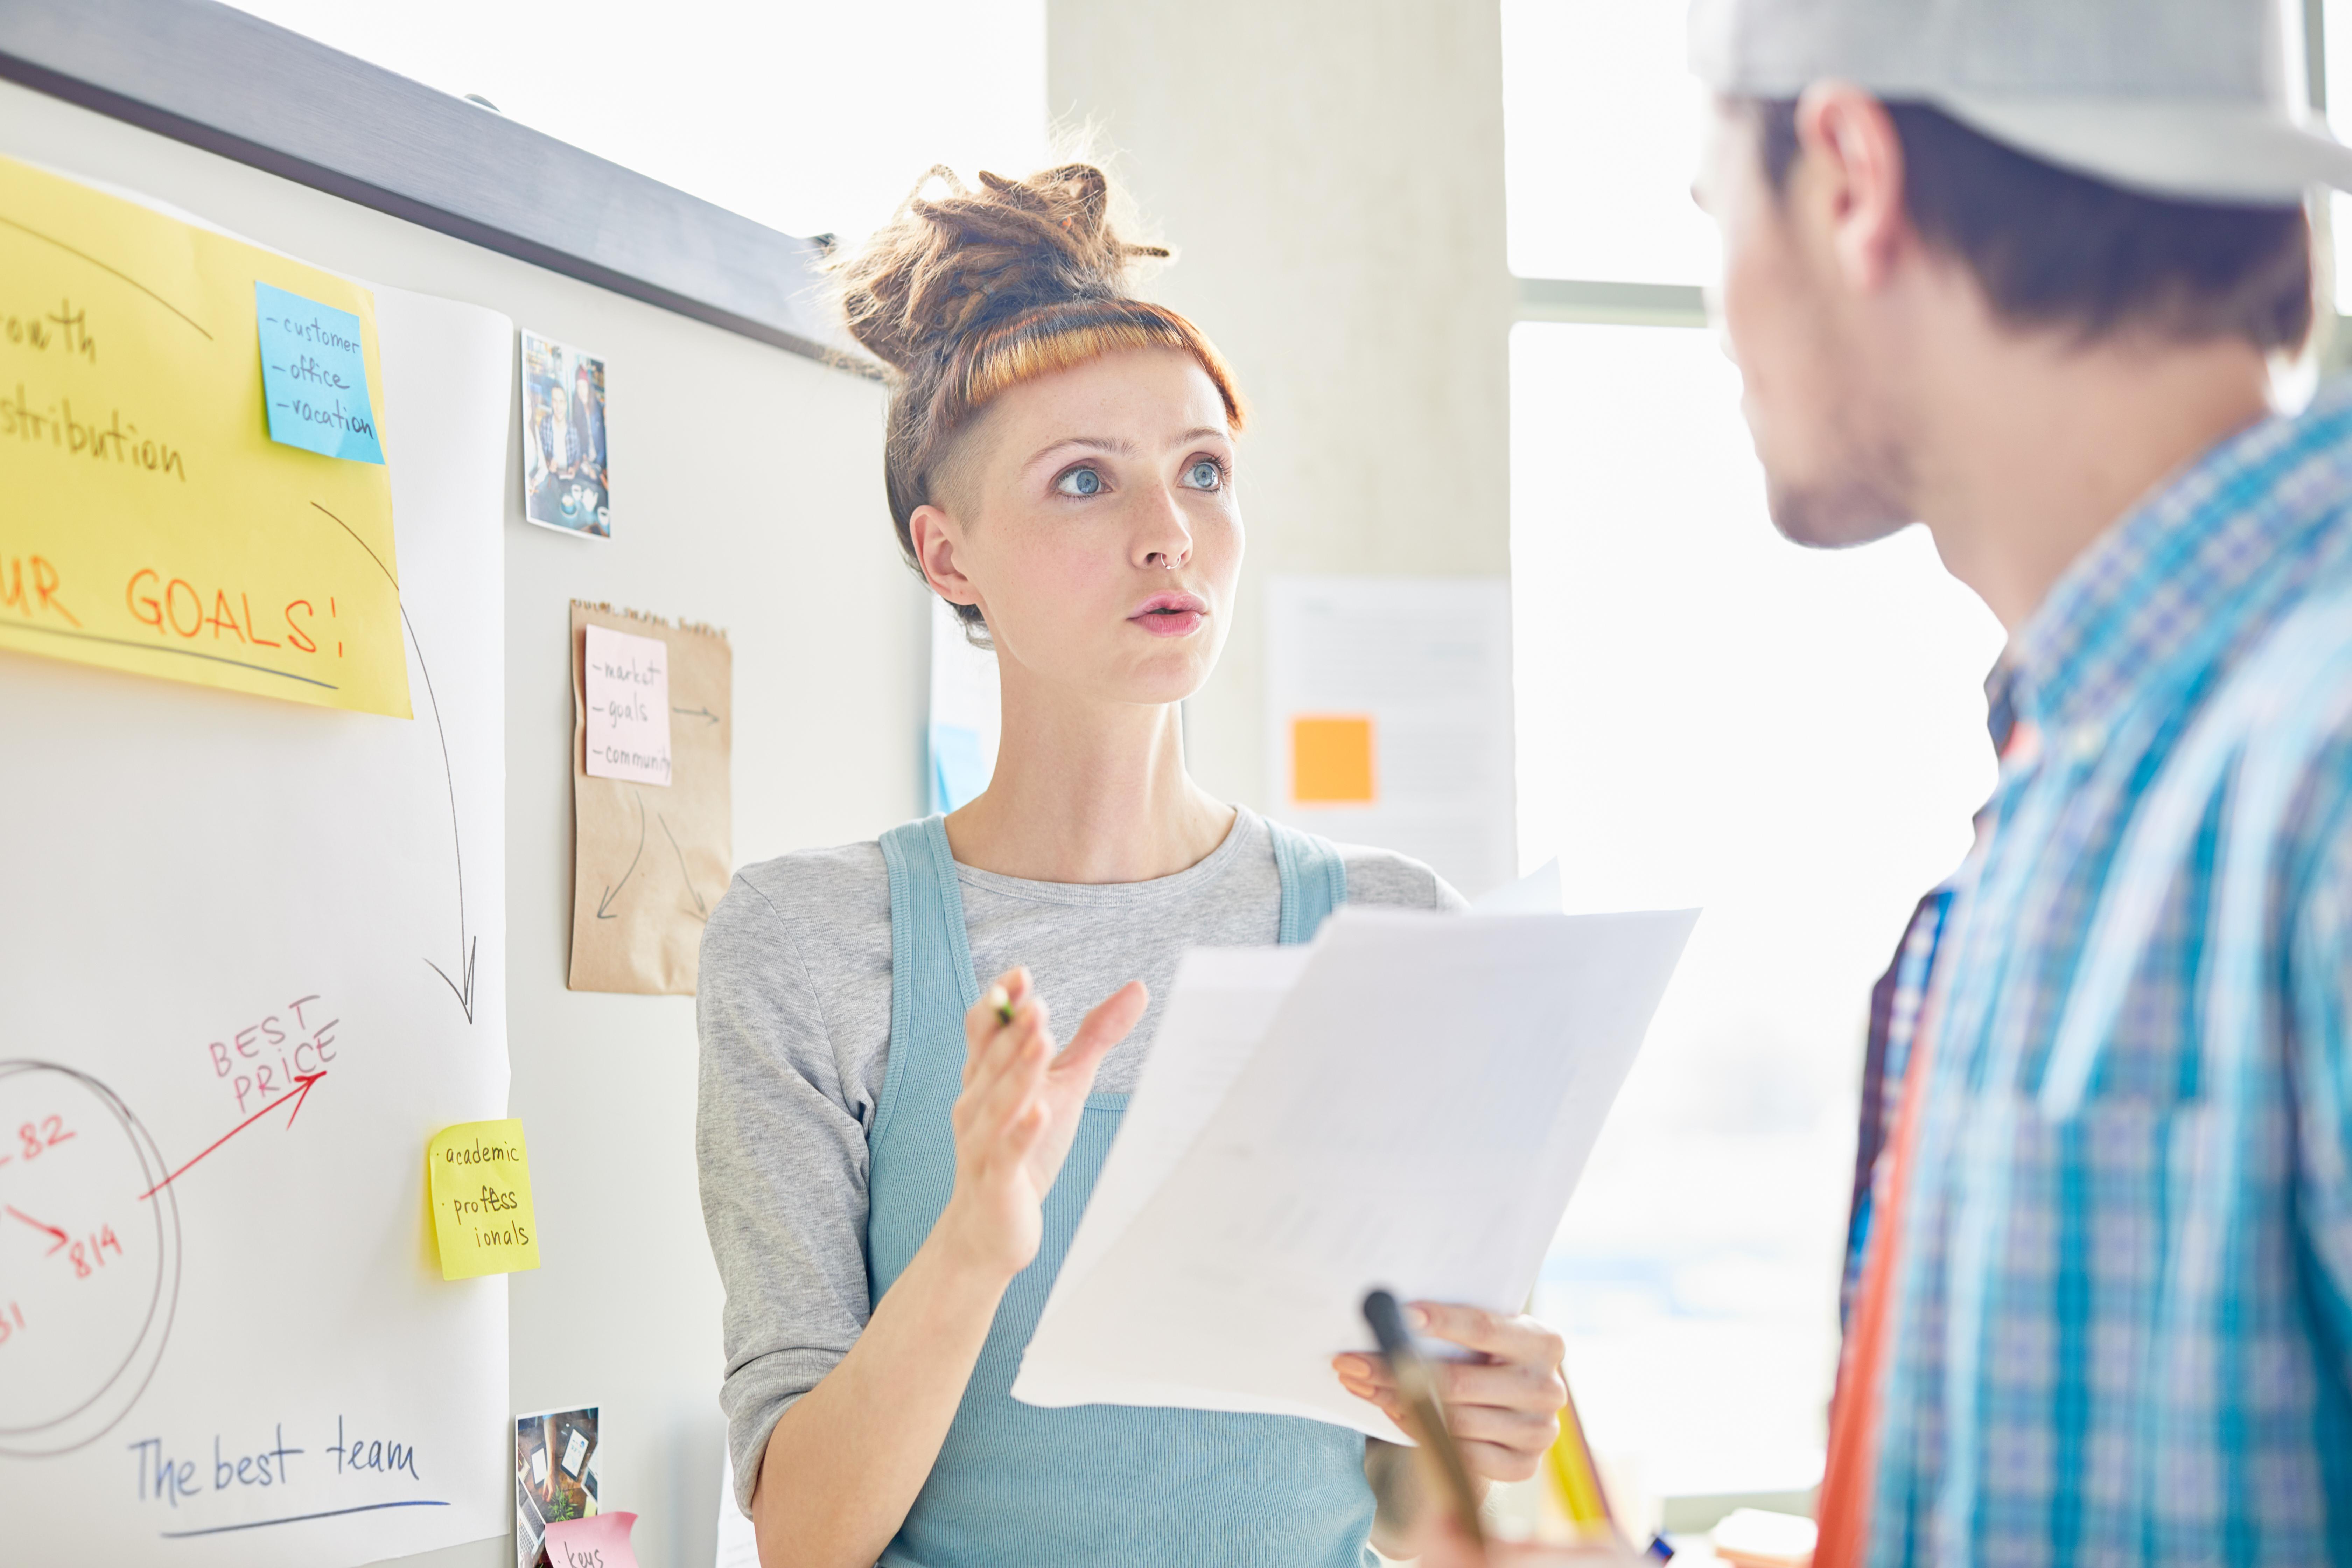 Femme sérieuse en marketing avec une coupe de cheveux hipster expliquant les données avec une main gestuelle et l'autre tenant une analyse de marché avec un collègue dans un bureau